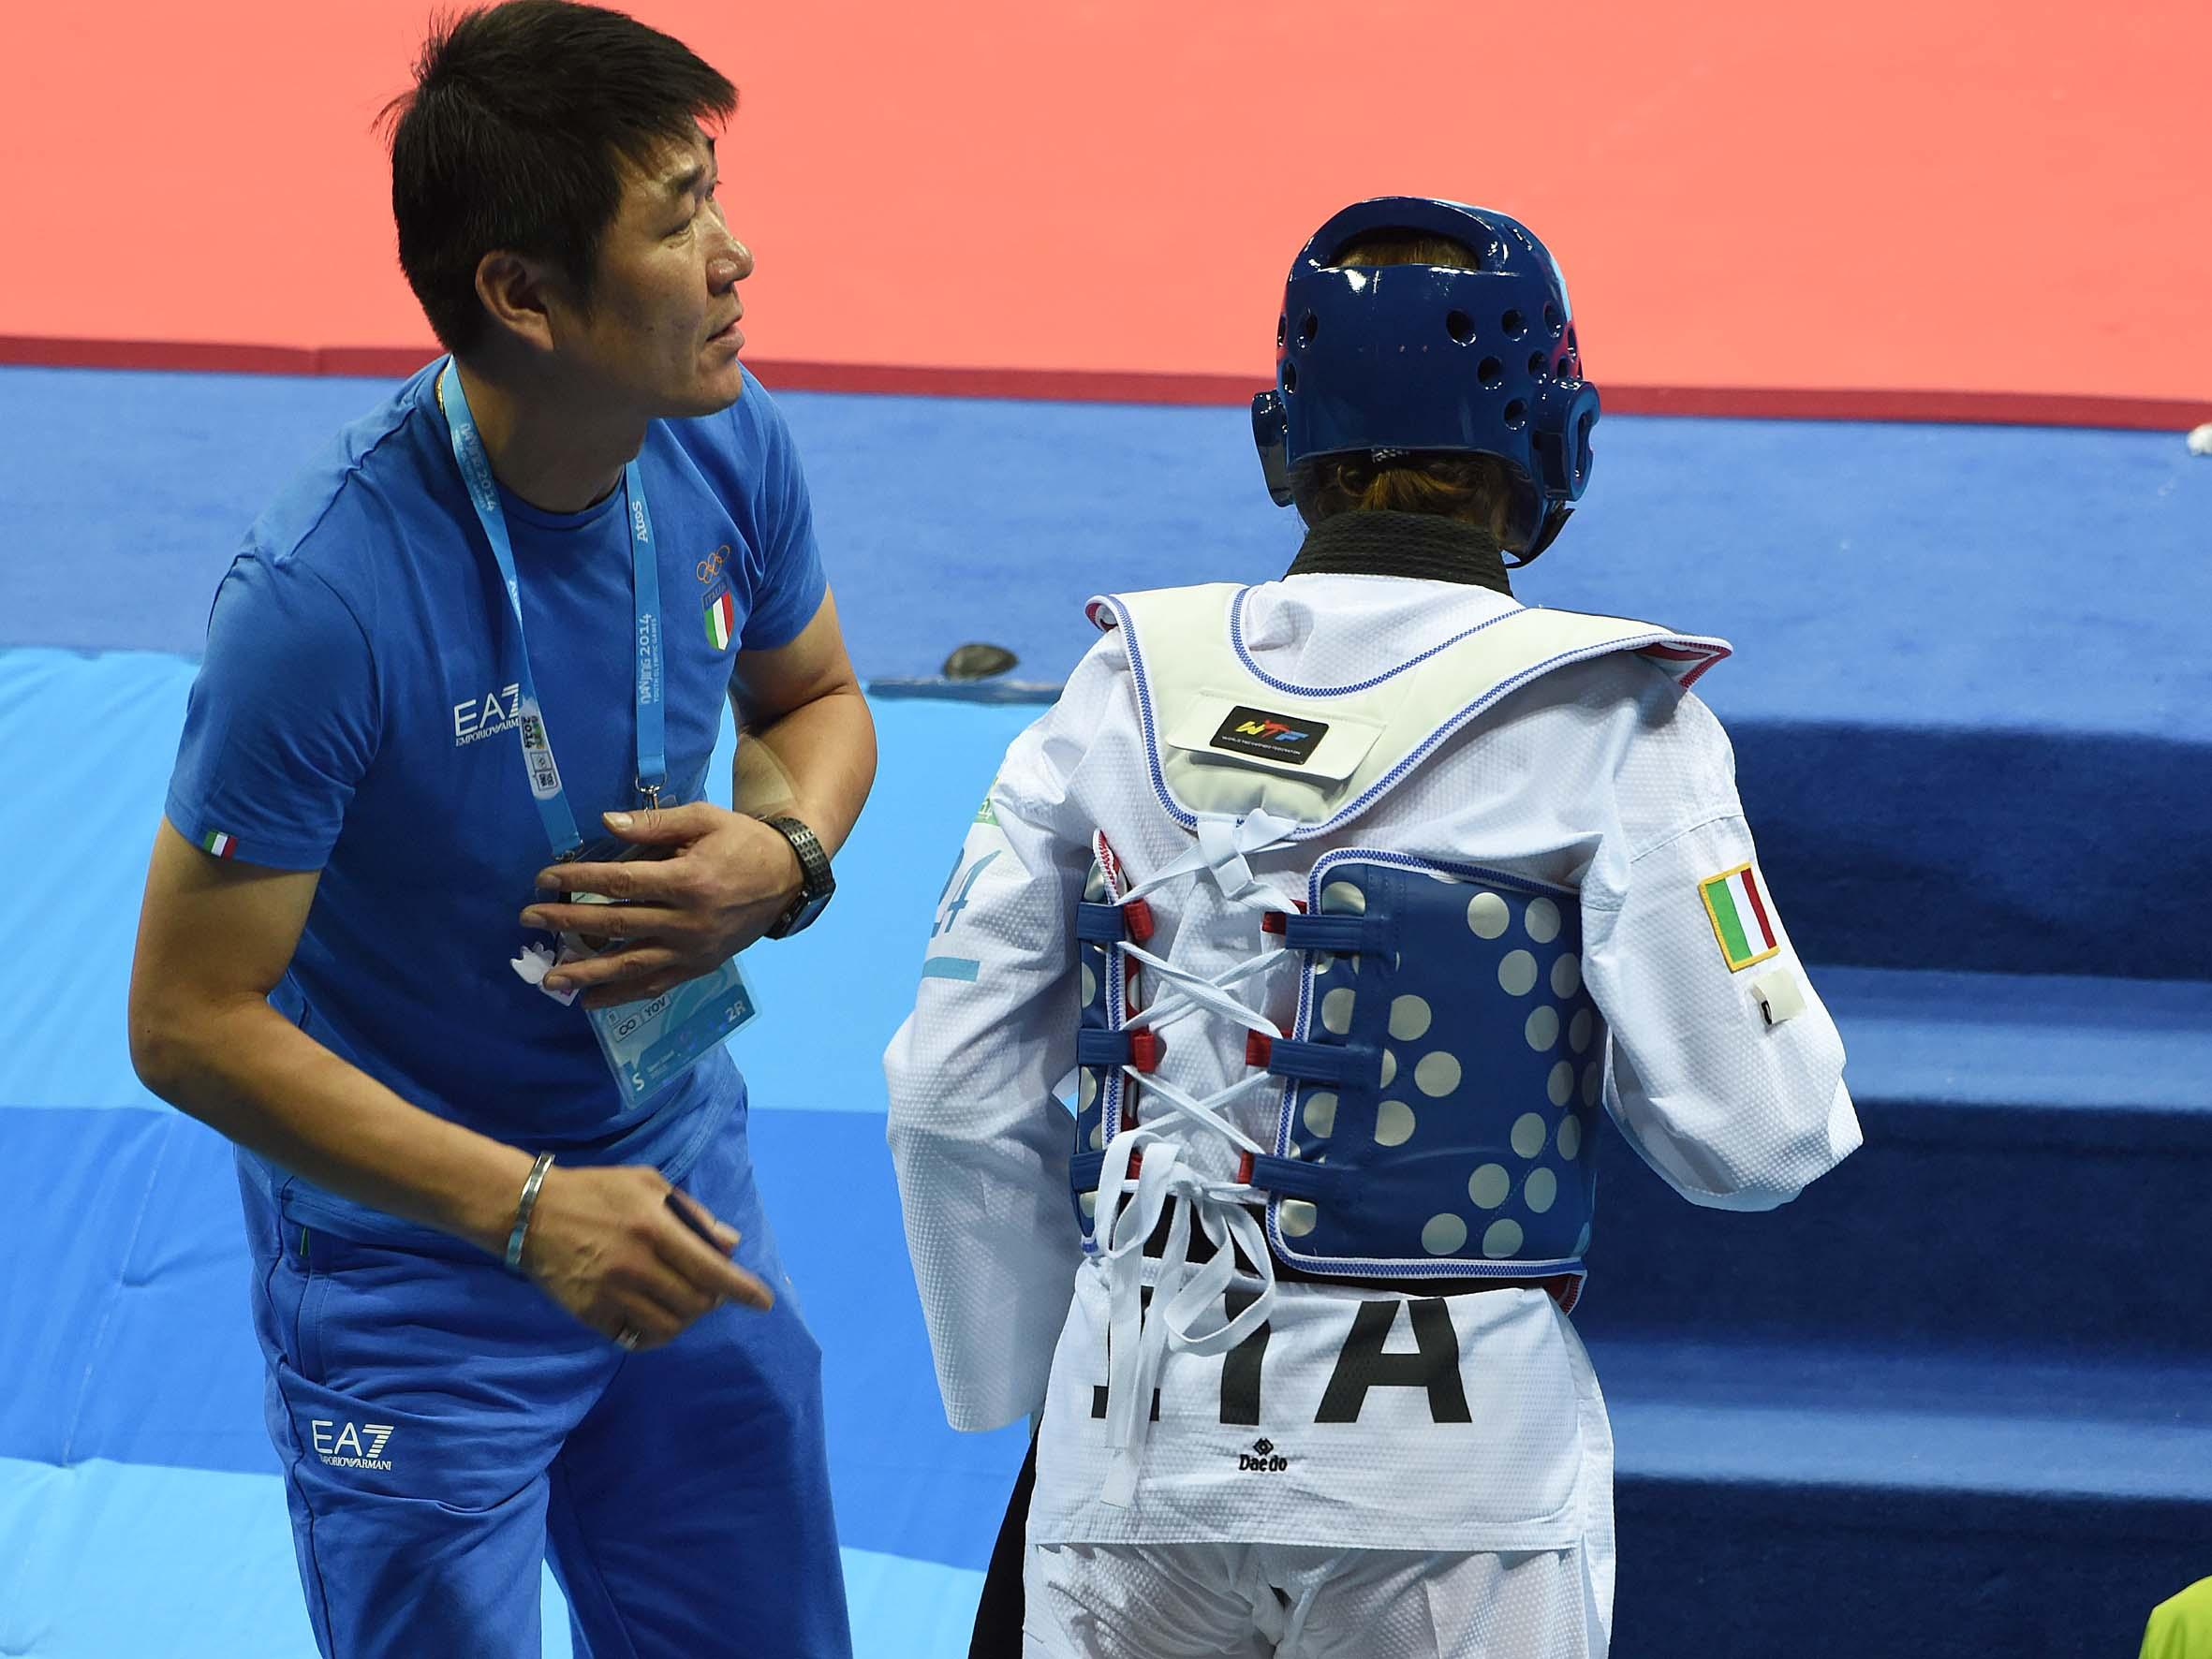 Taekwondo-55 Kg Donne 03